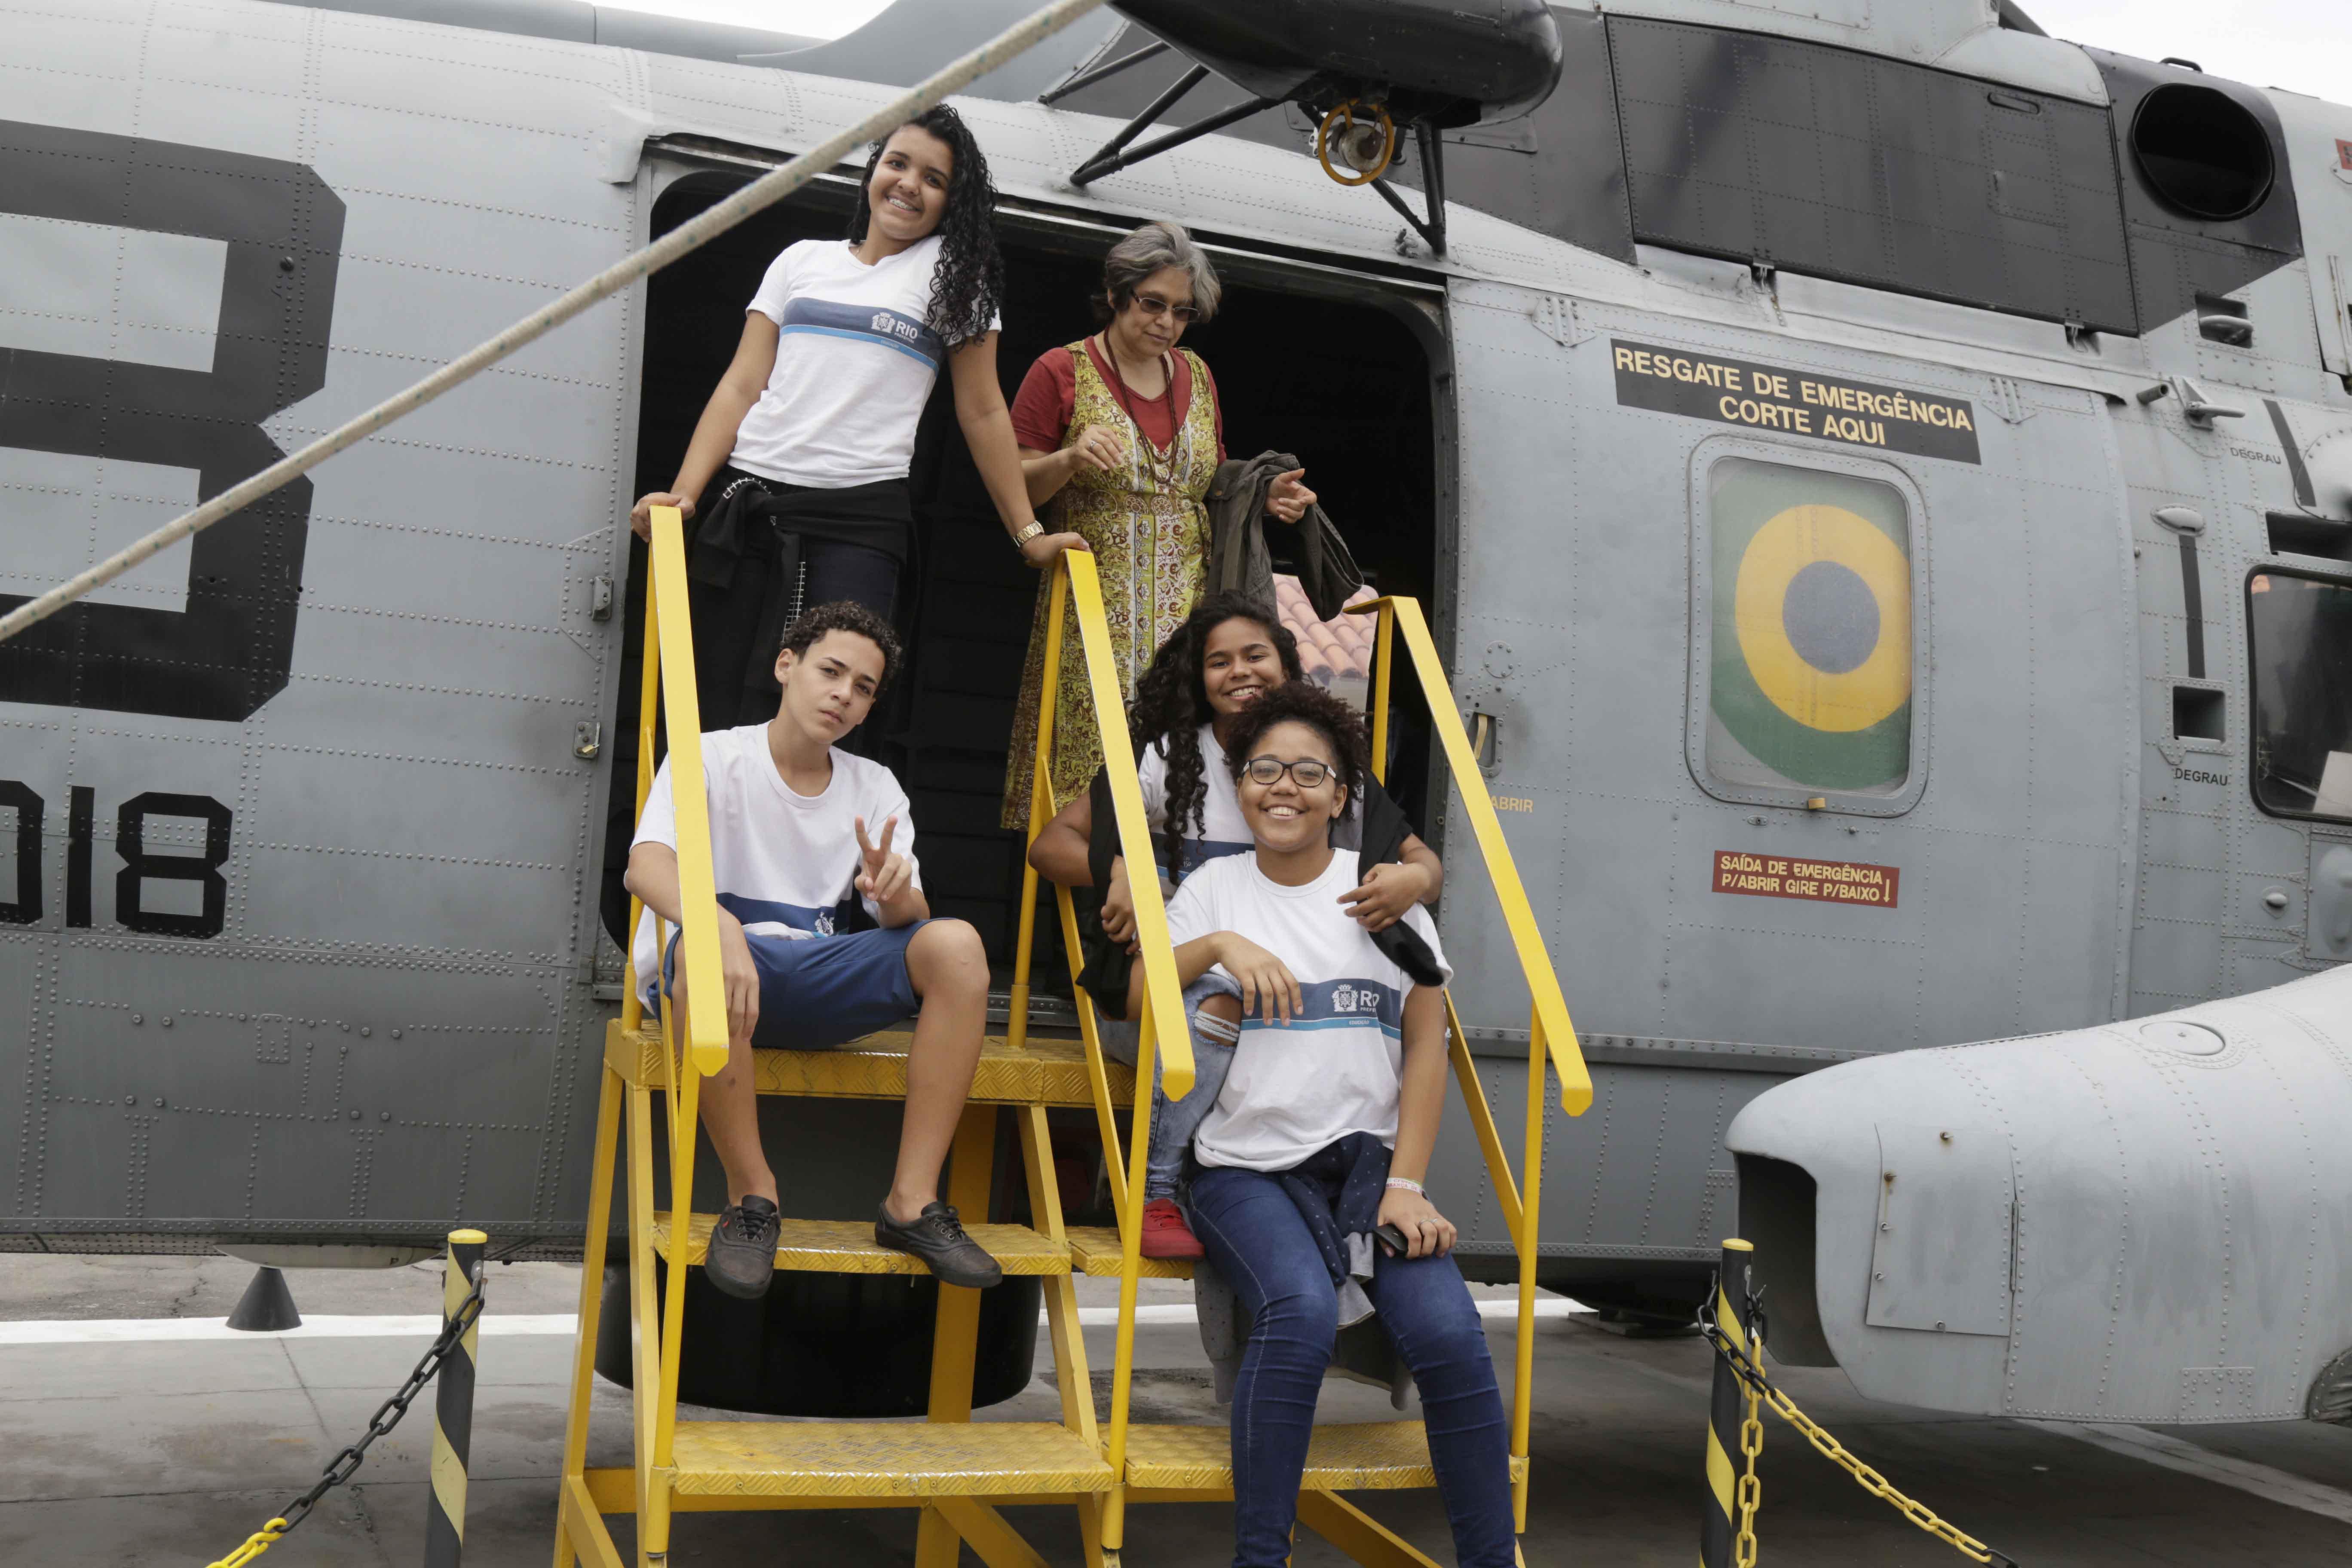 Prefeitura do Rio retoma programa de cidadania para alunos da rede municipal